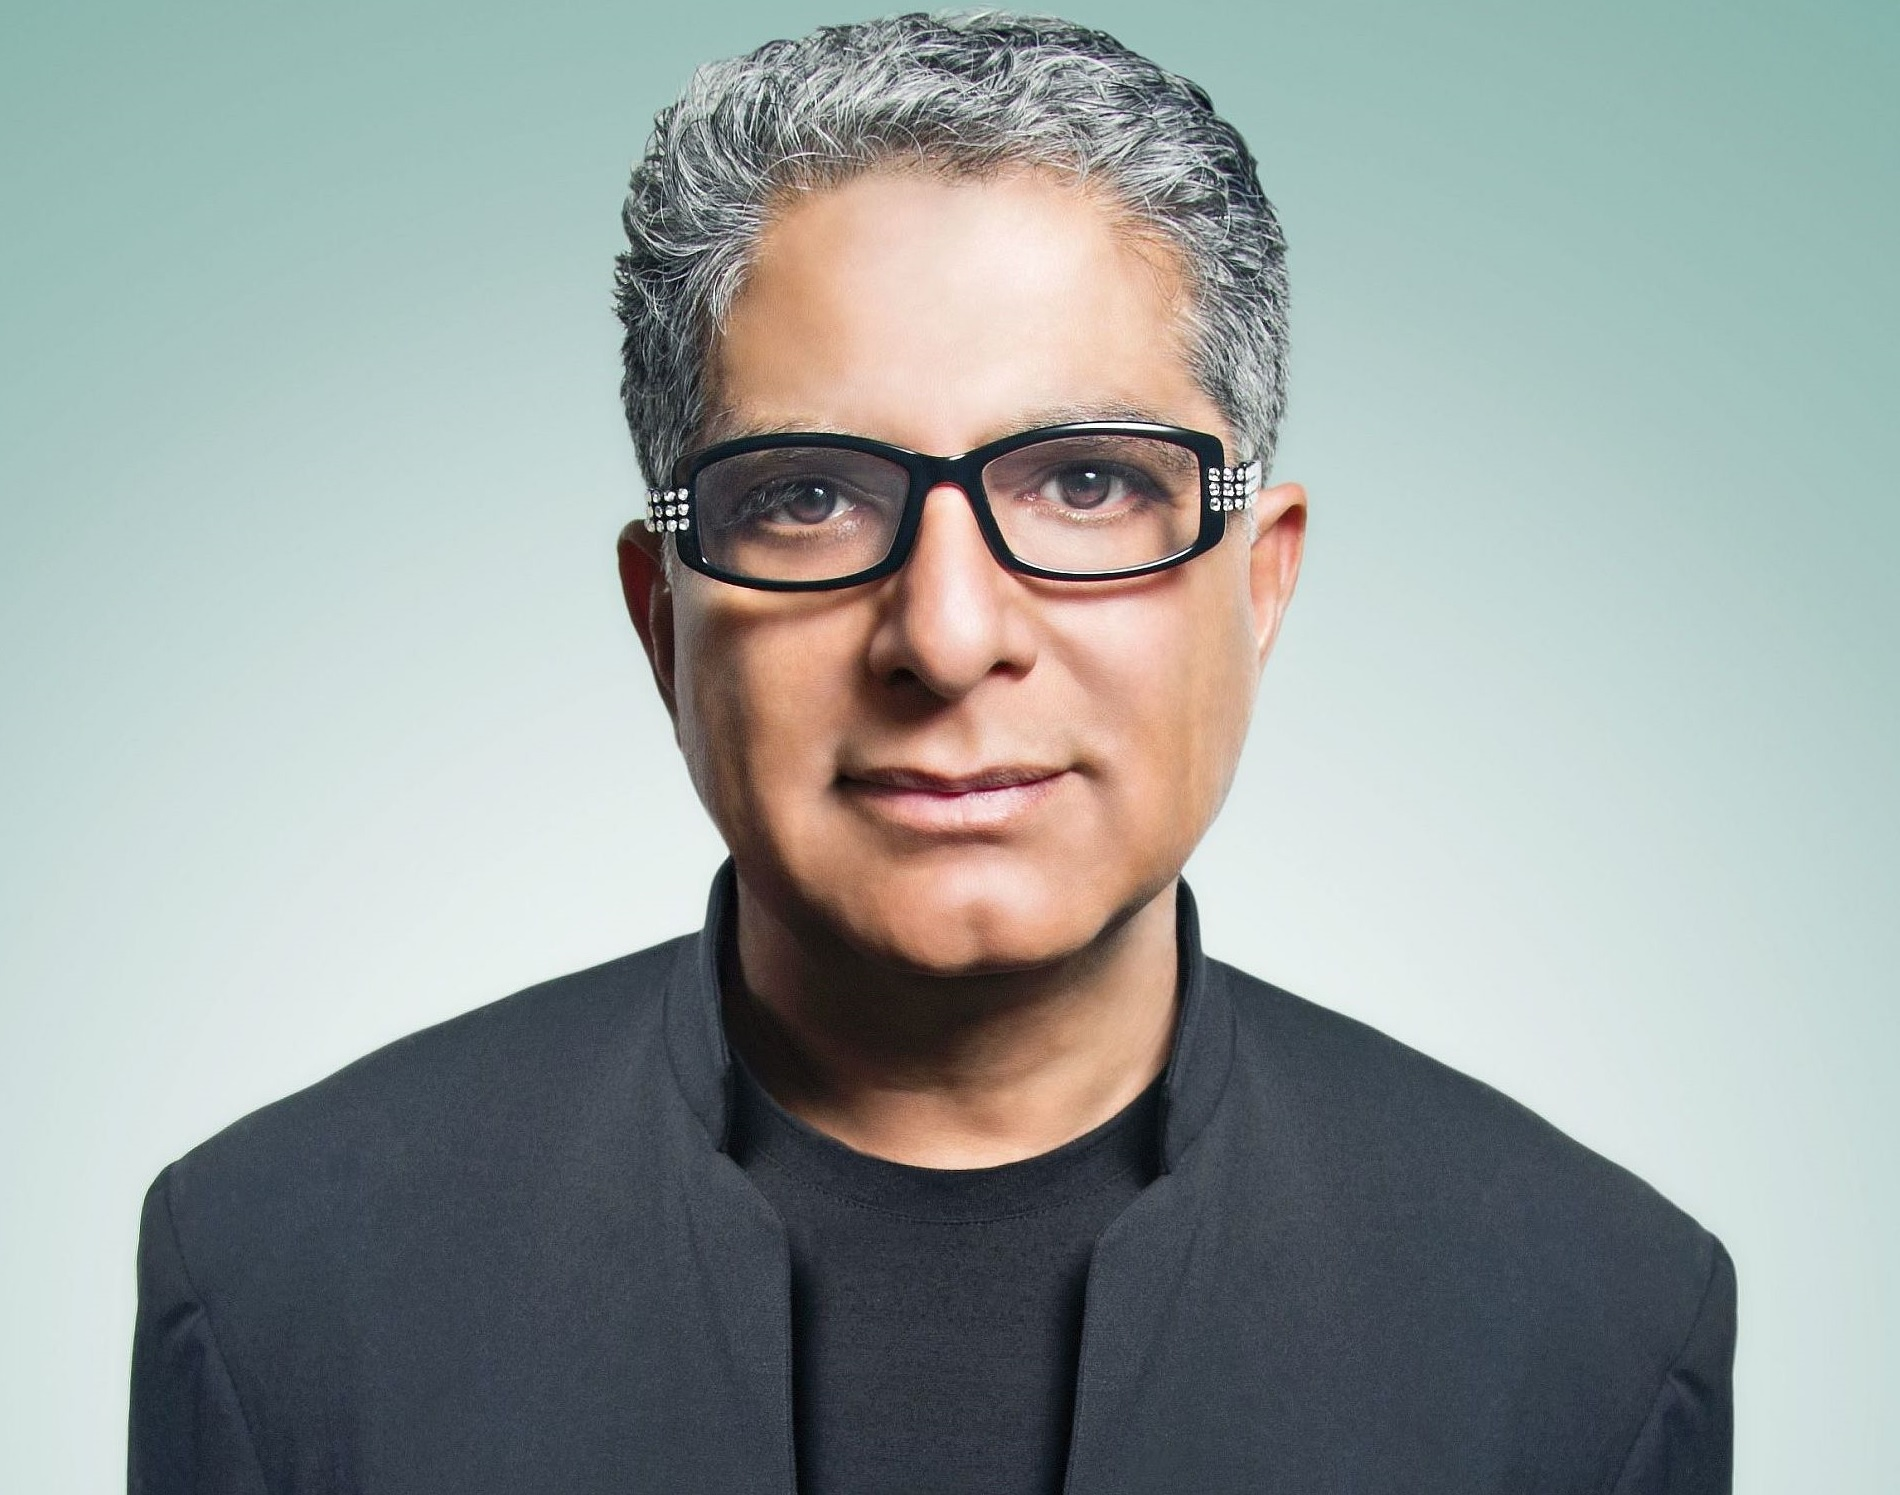 Deepak Chopra: Úspěch přijde s vášní pro to, co děláte